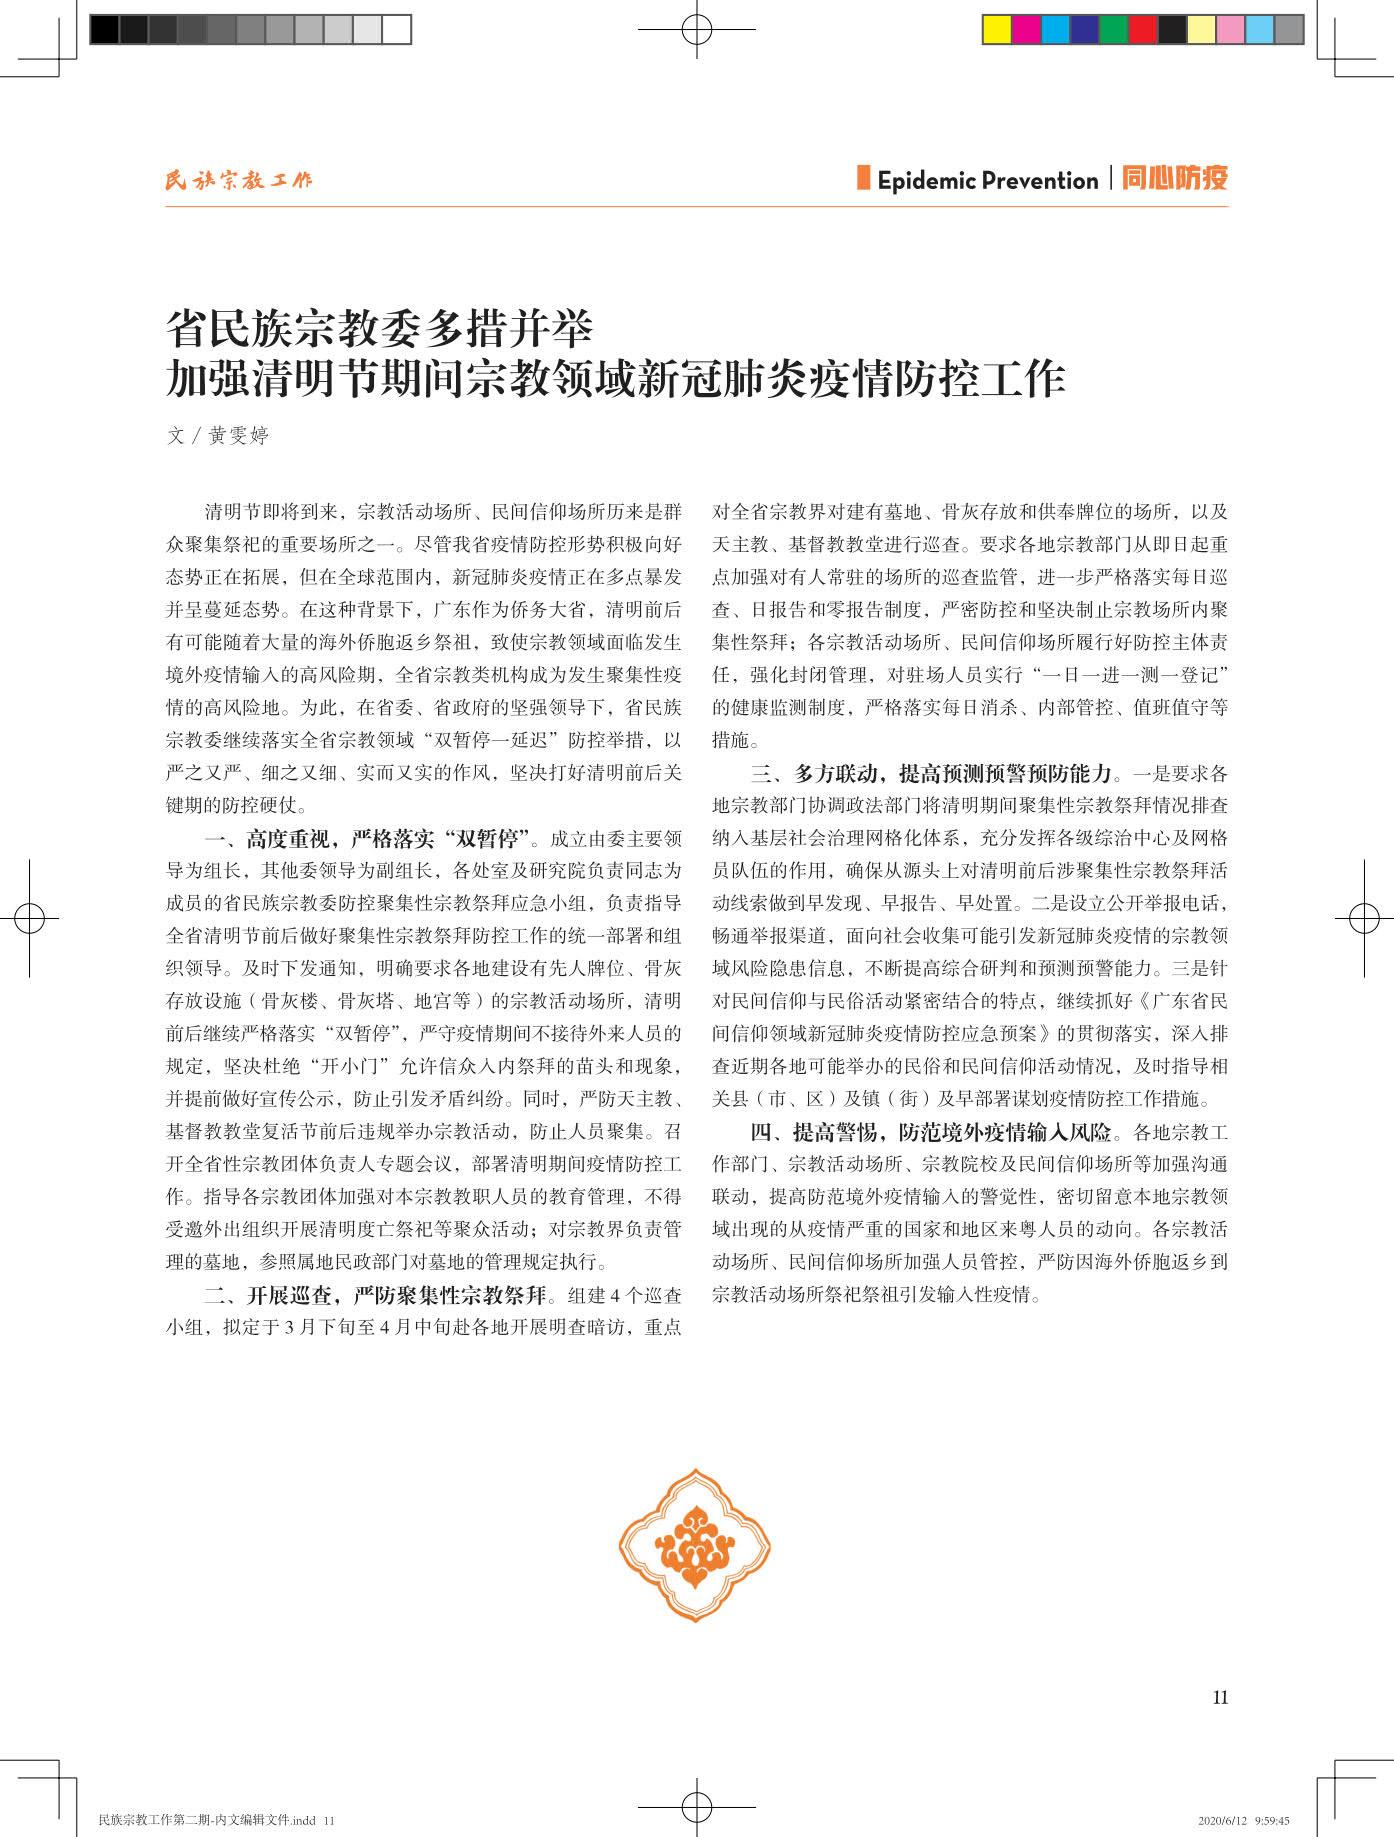 民族宗教工作第二期-内文20200612-蓝样_11.jpg